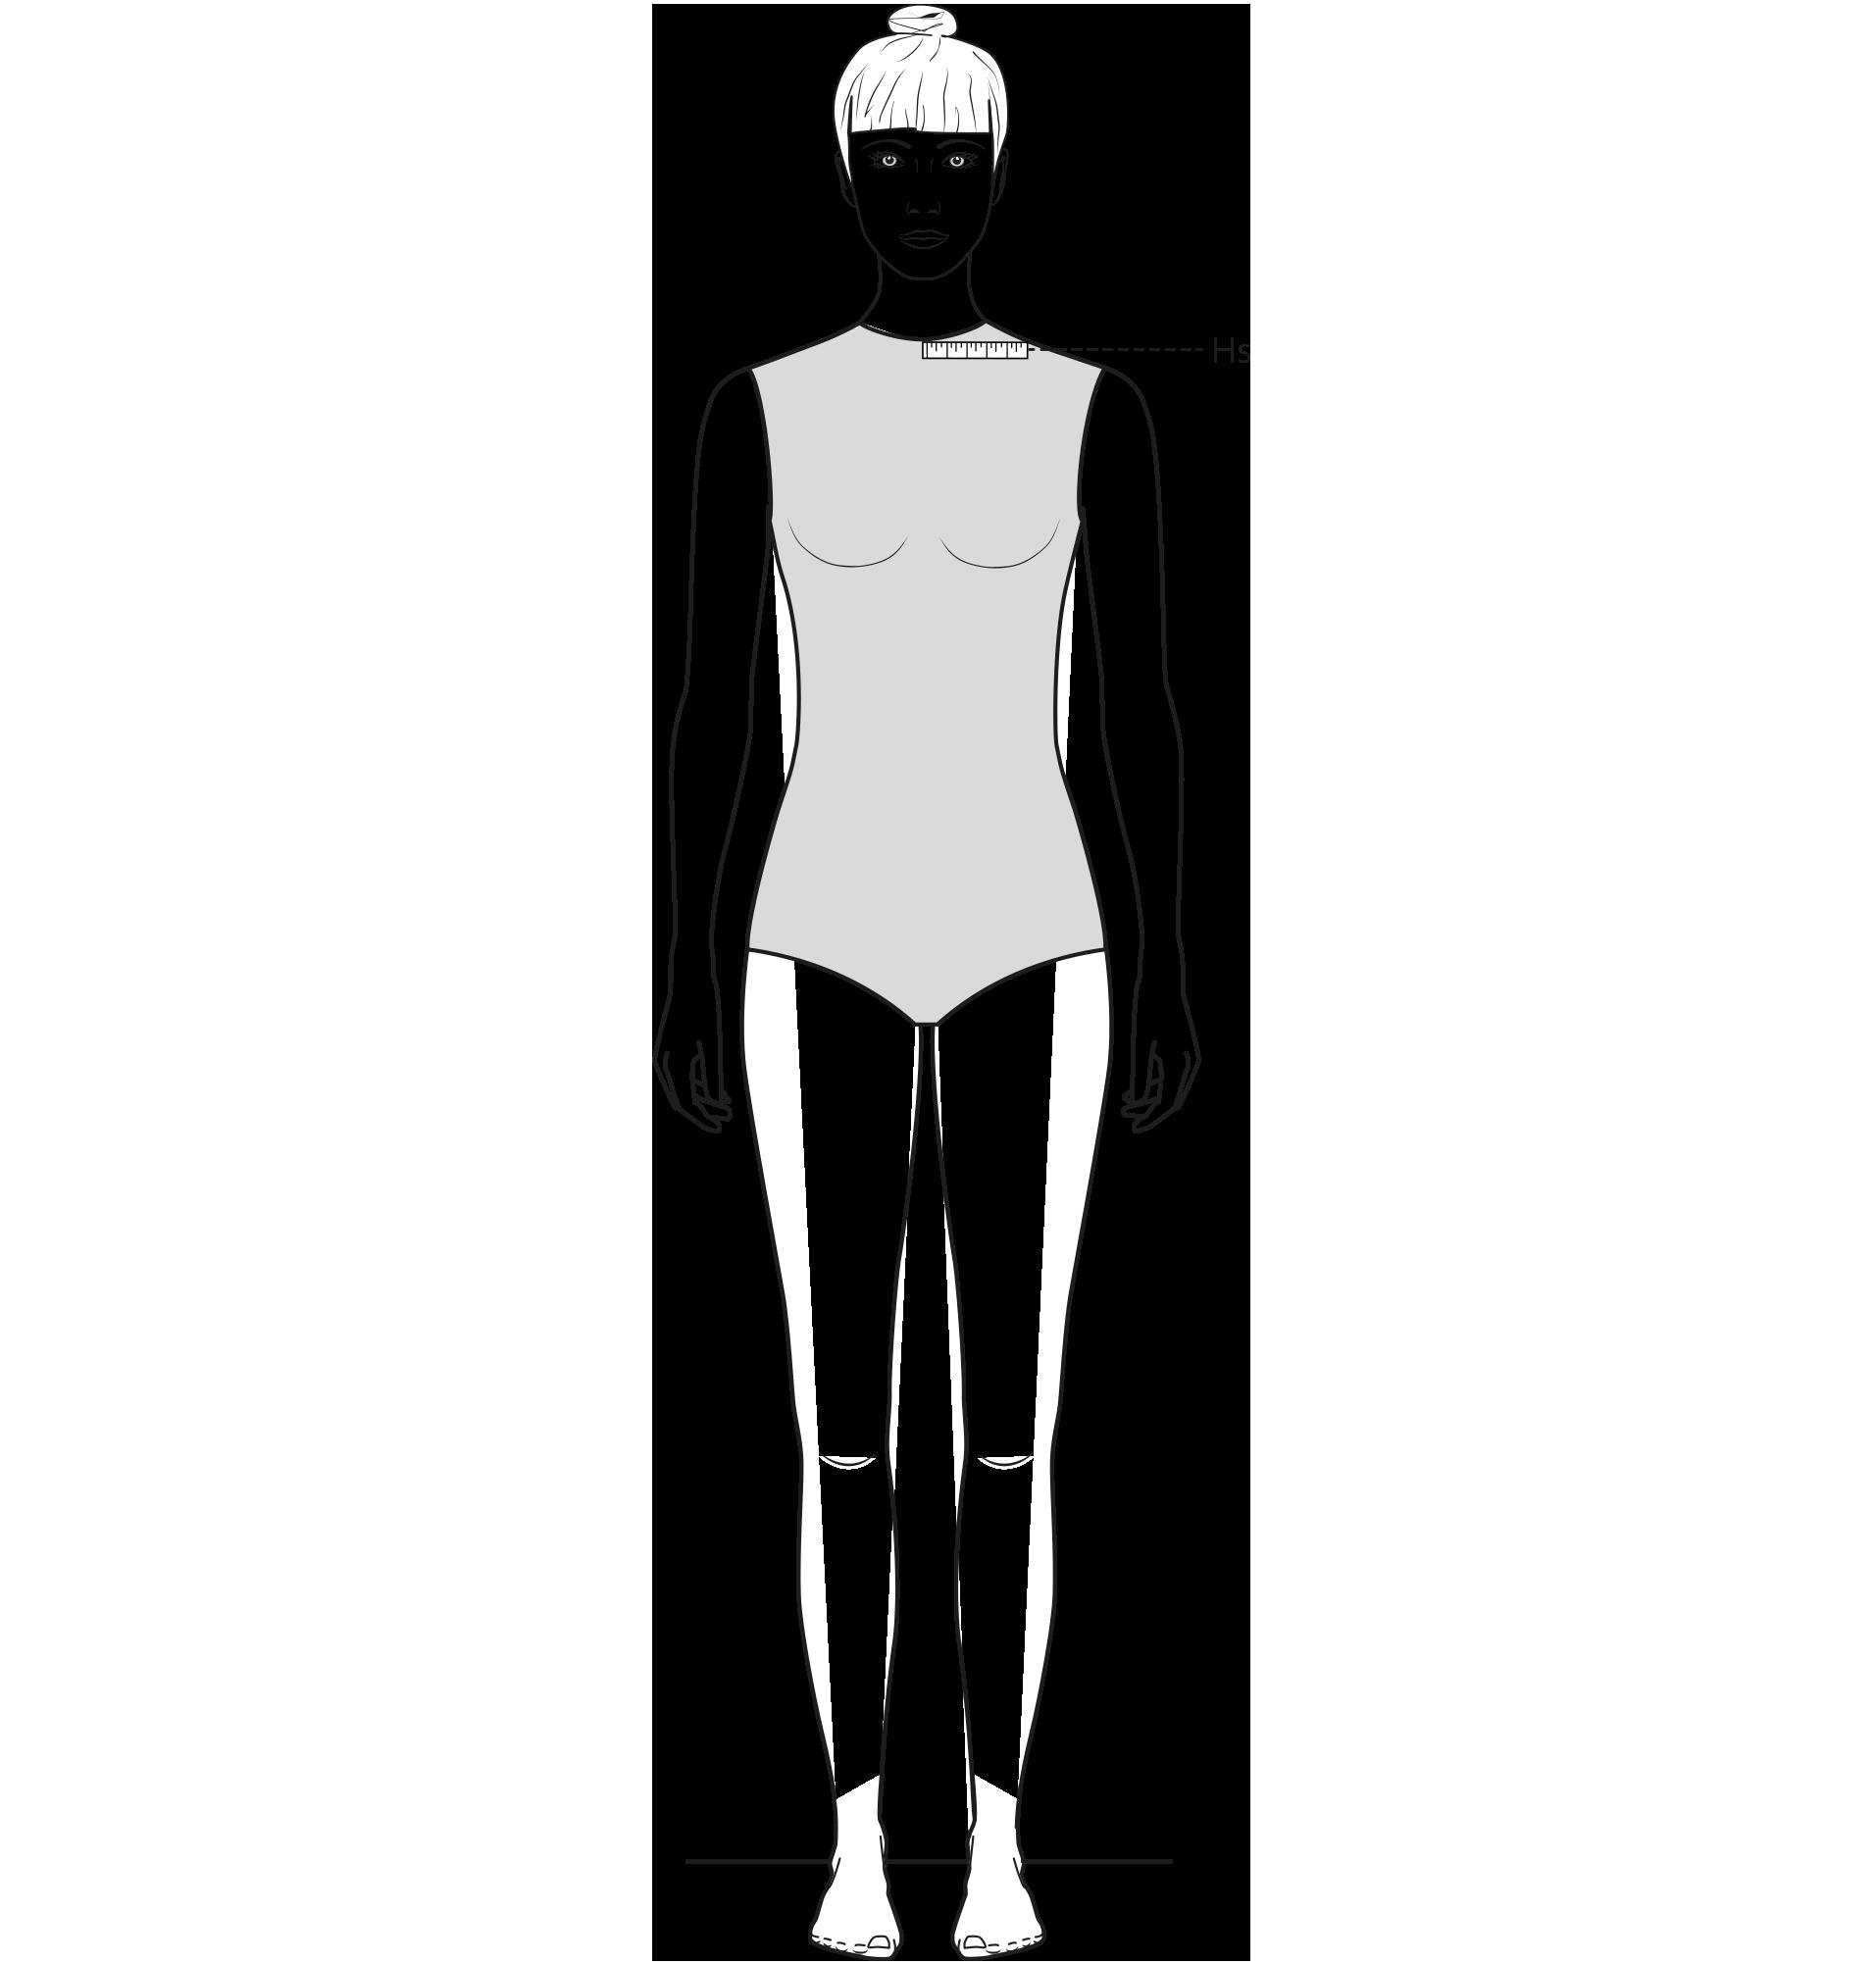 Diese Zeichnung zeigt das Messen des Halsspiegels.